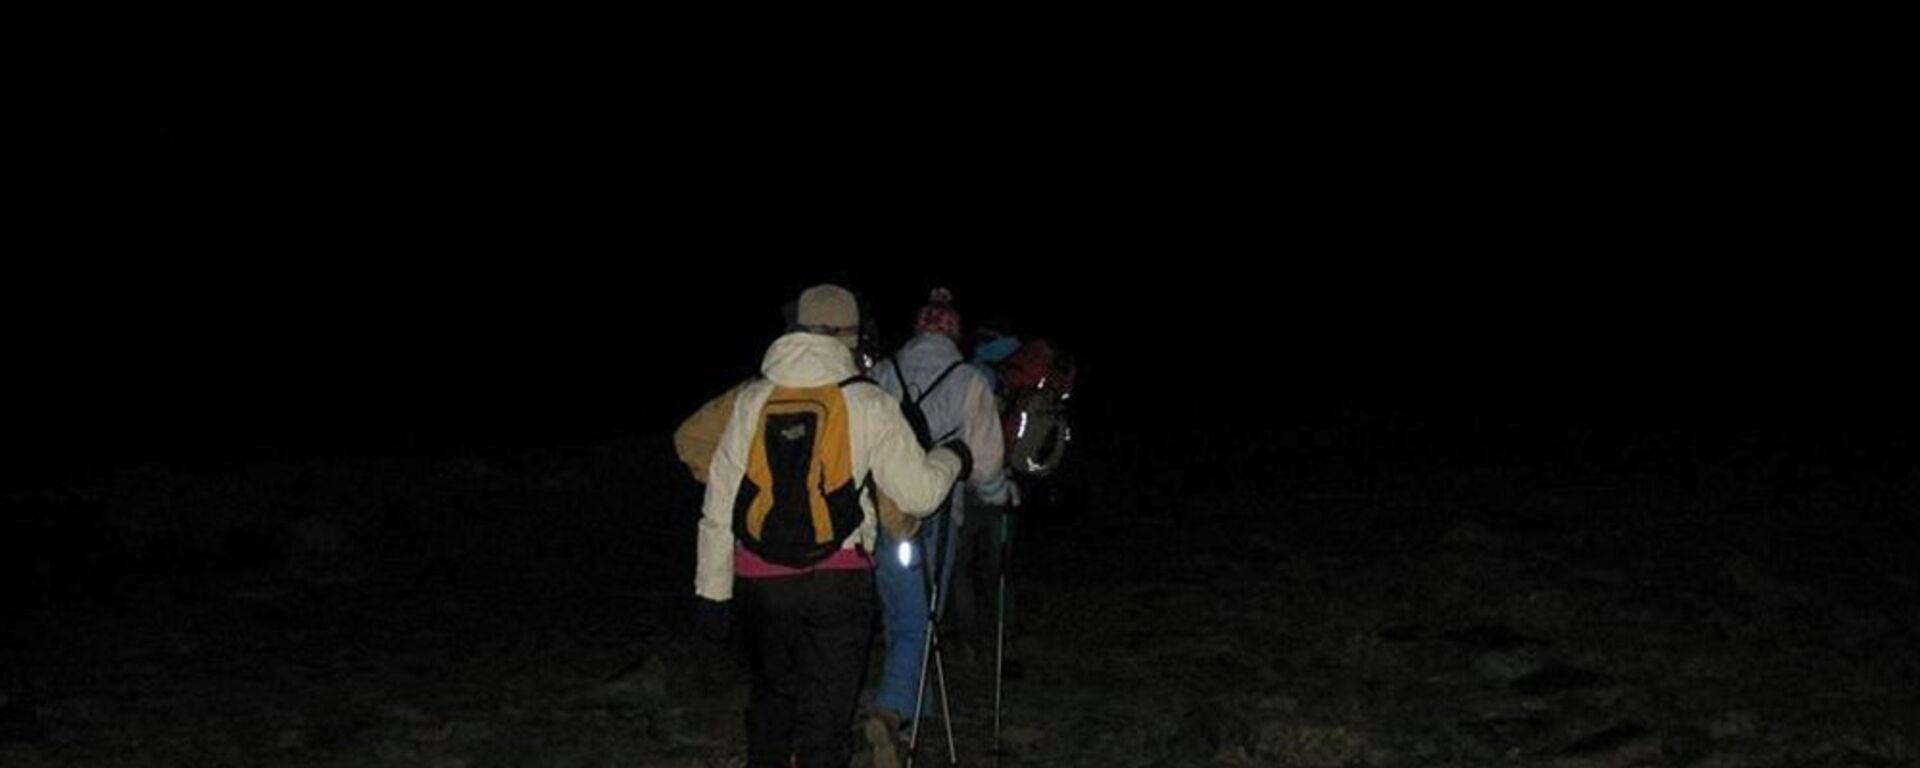 Восхождение альпинистов на гору Арагац  - Sputnik Արմենիա, 1920, 13.07.2021